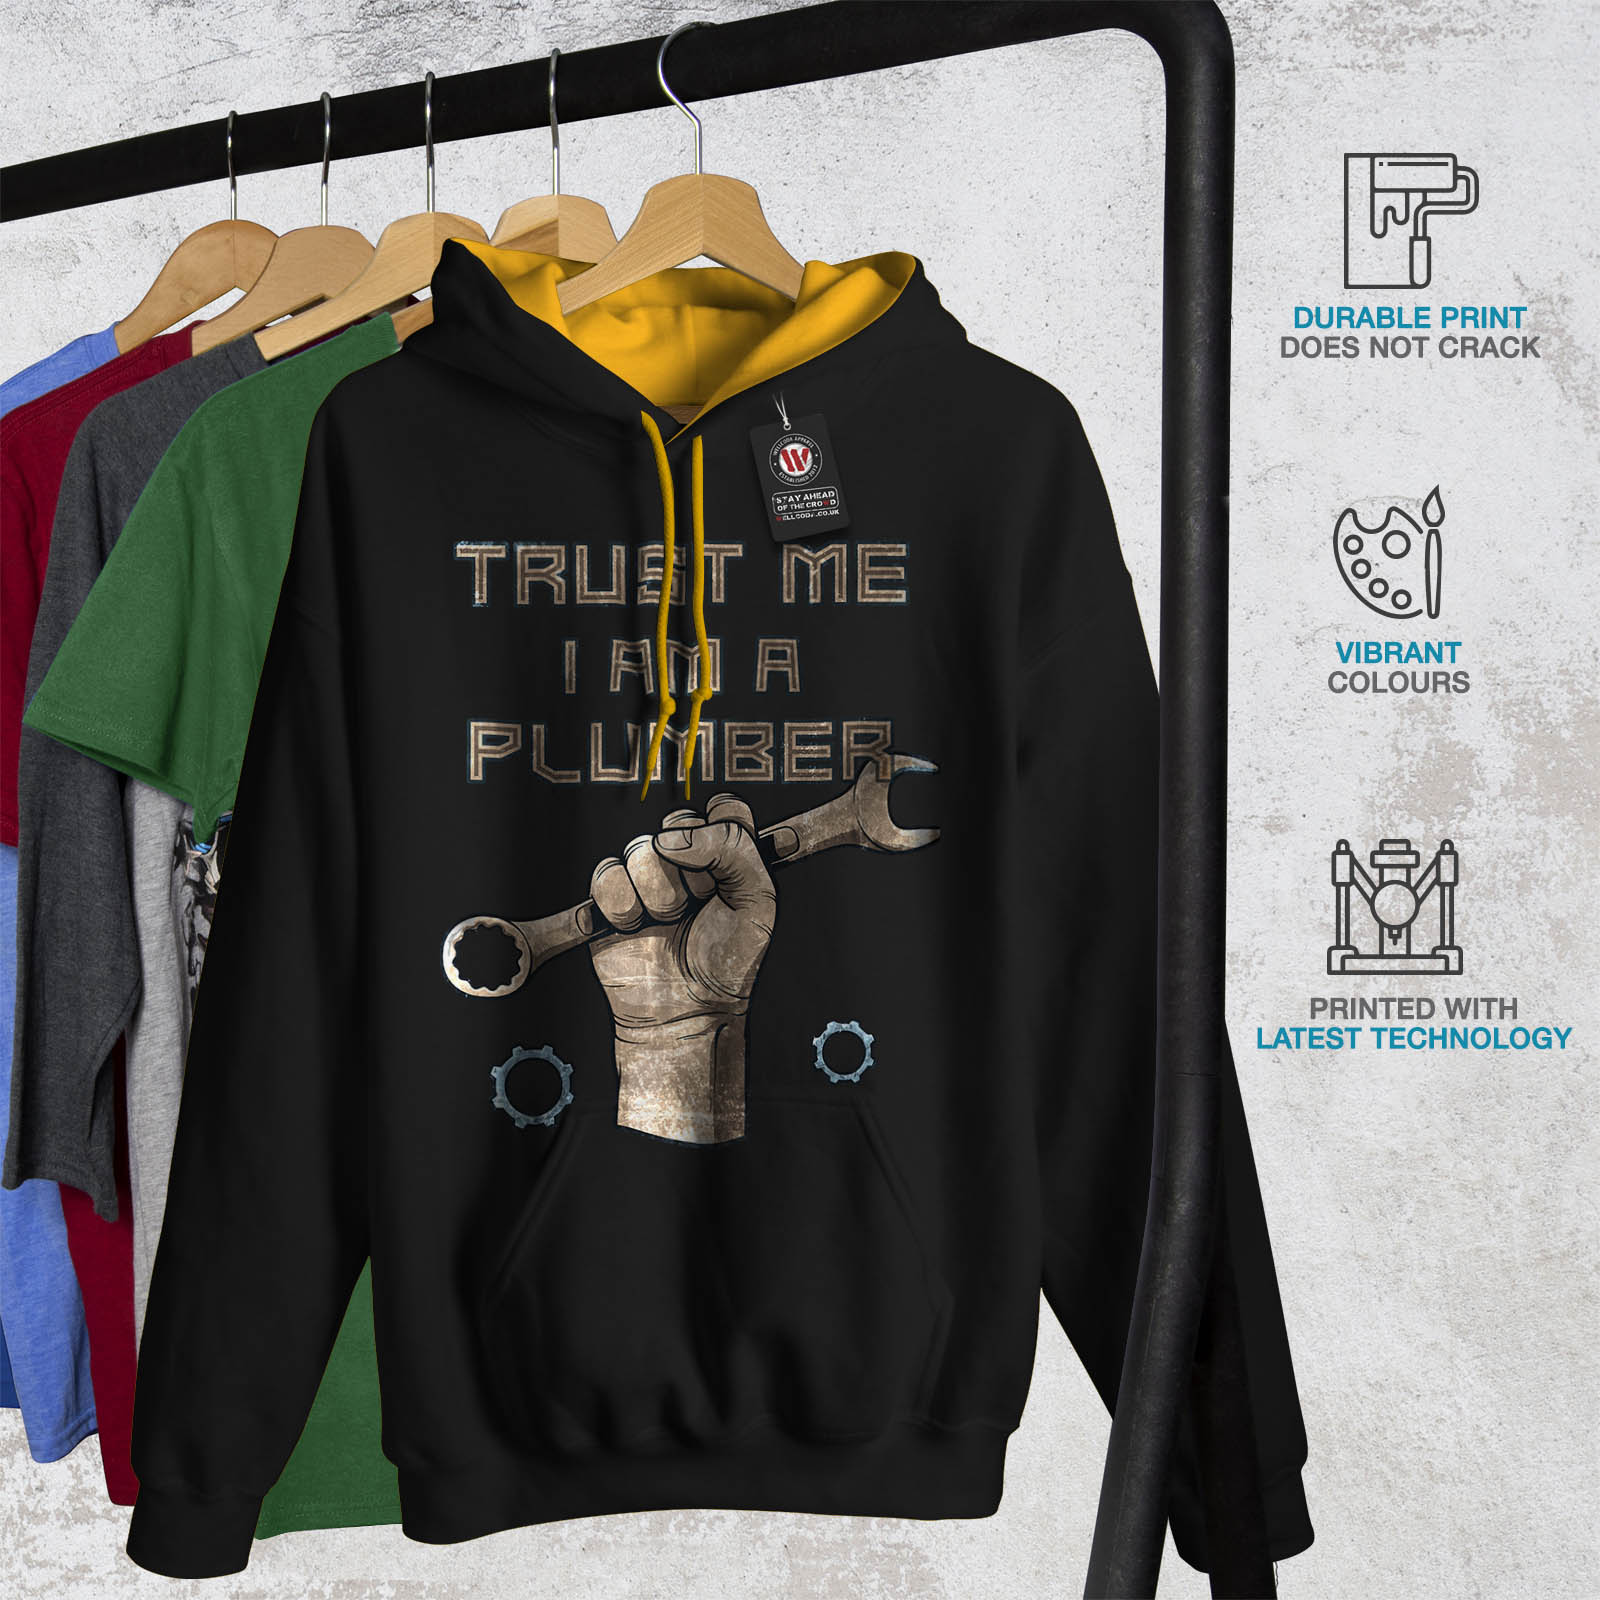 Black Power Felpa oro Trust Contrast Mens Jumper cappuccio cappuccio Me Wellcoda con Plumber Casual 6PwCUxq